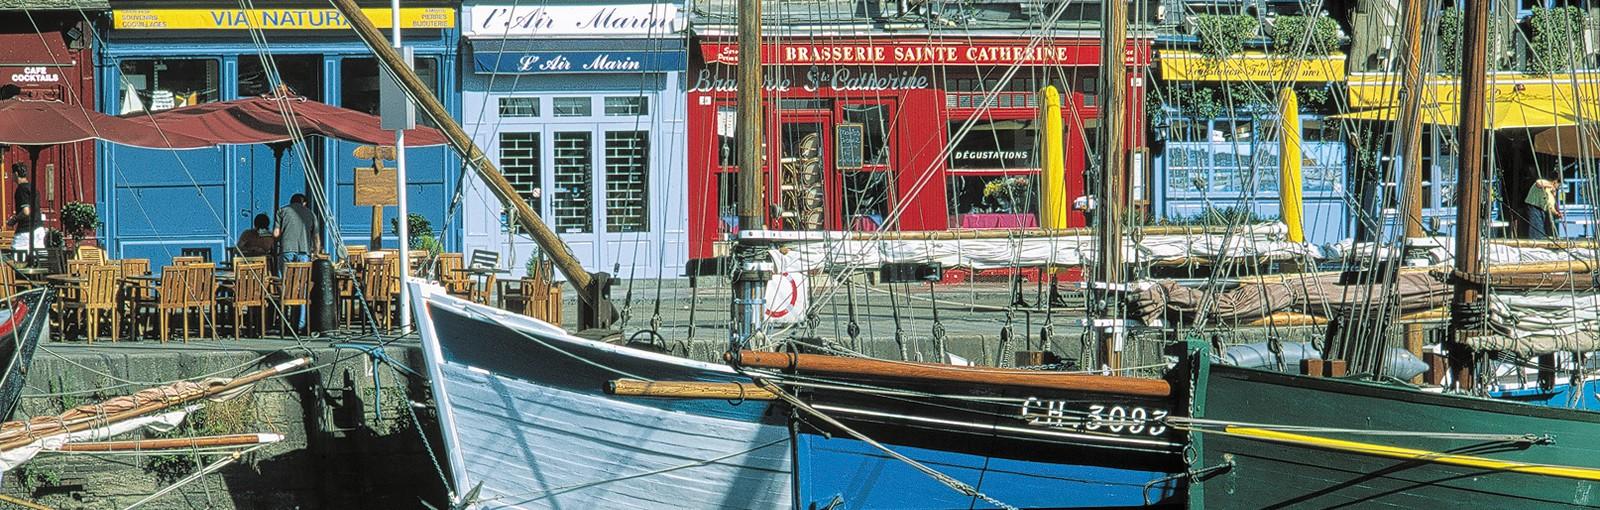 Tours 2 días en Normandía incluyendo las playas del desembarco y la Normandía cultural y turística - Normandía - TOURS REGIONALES